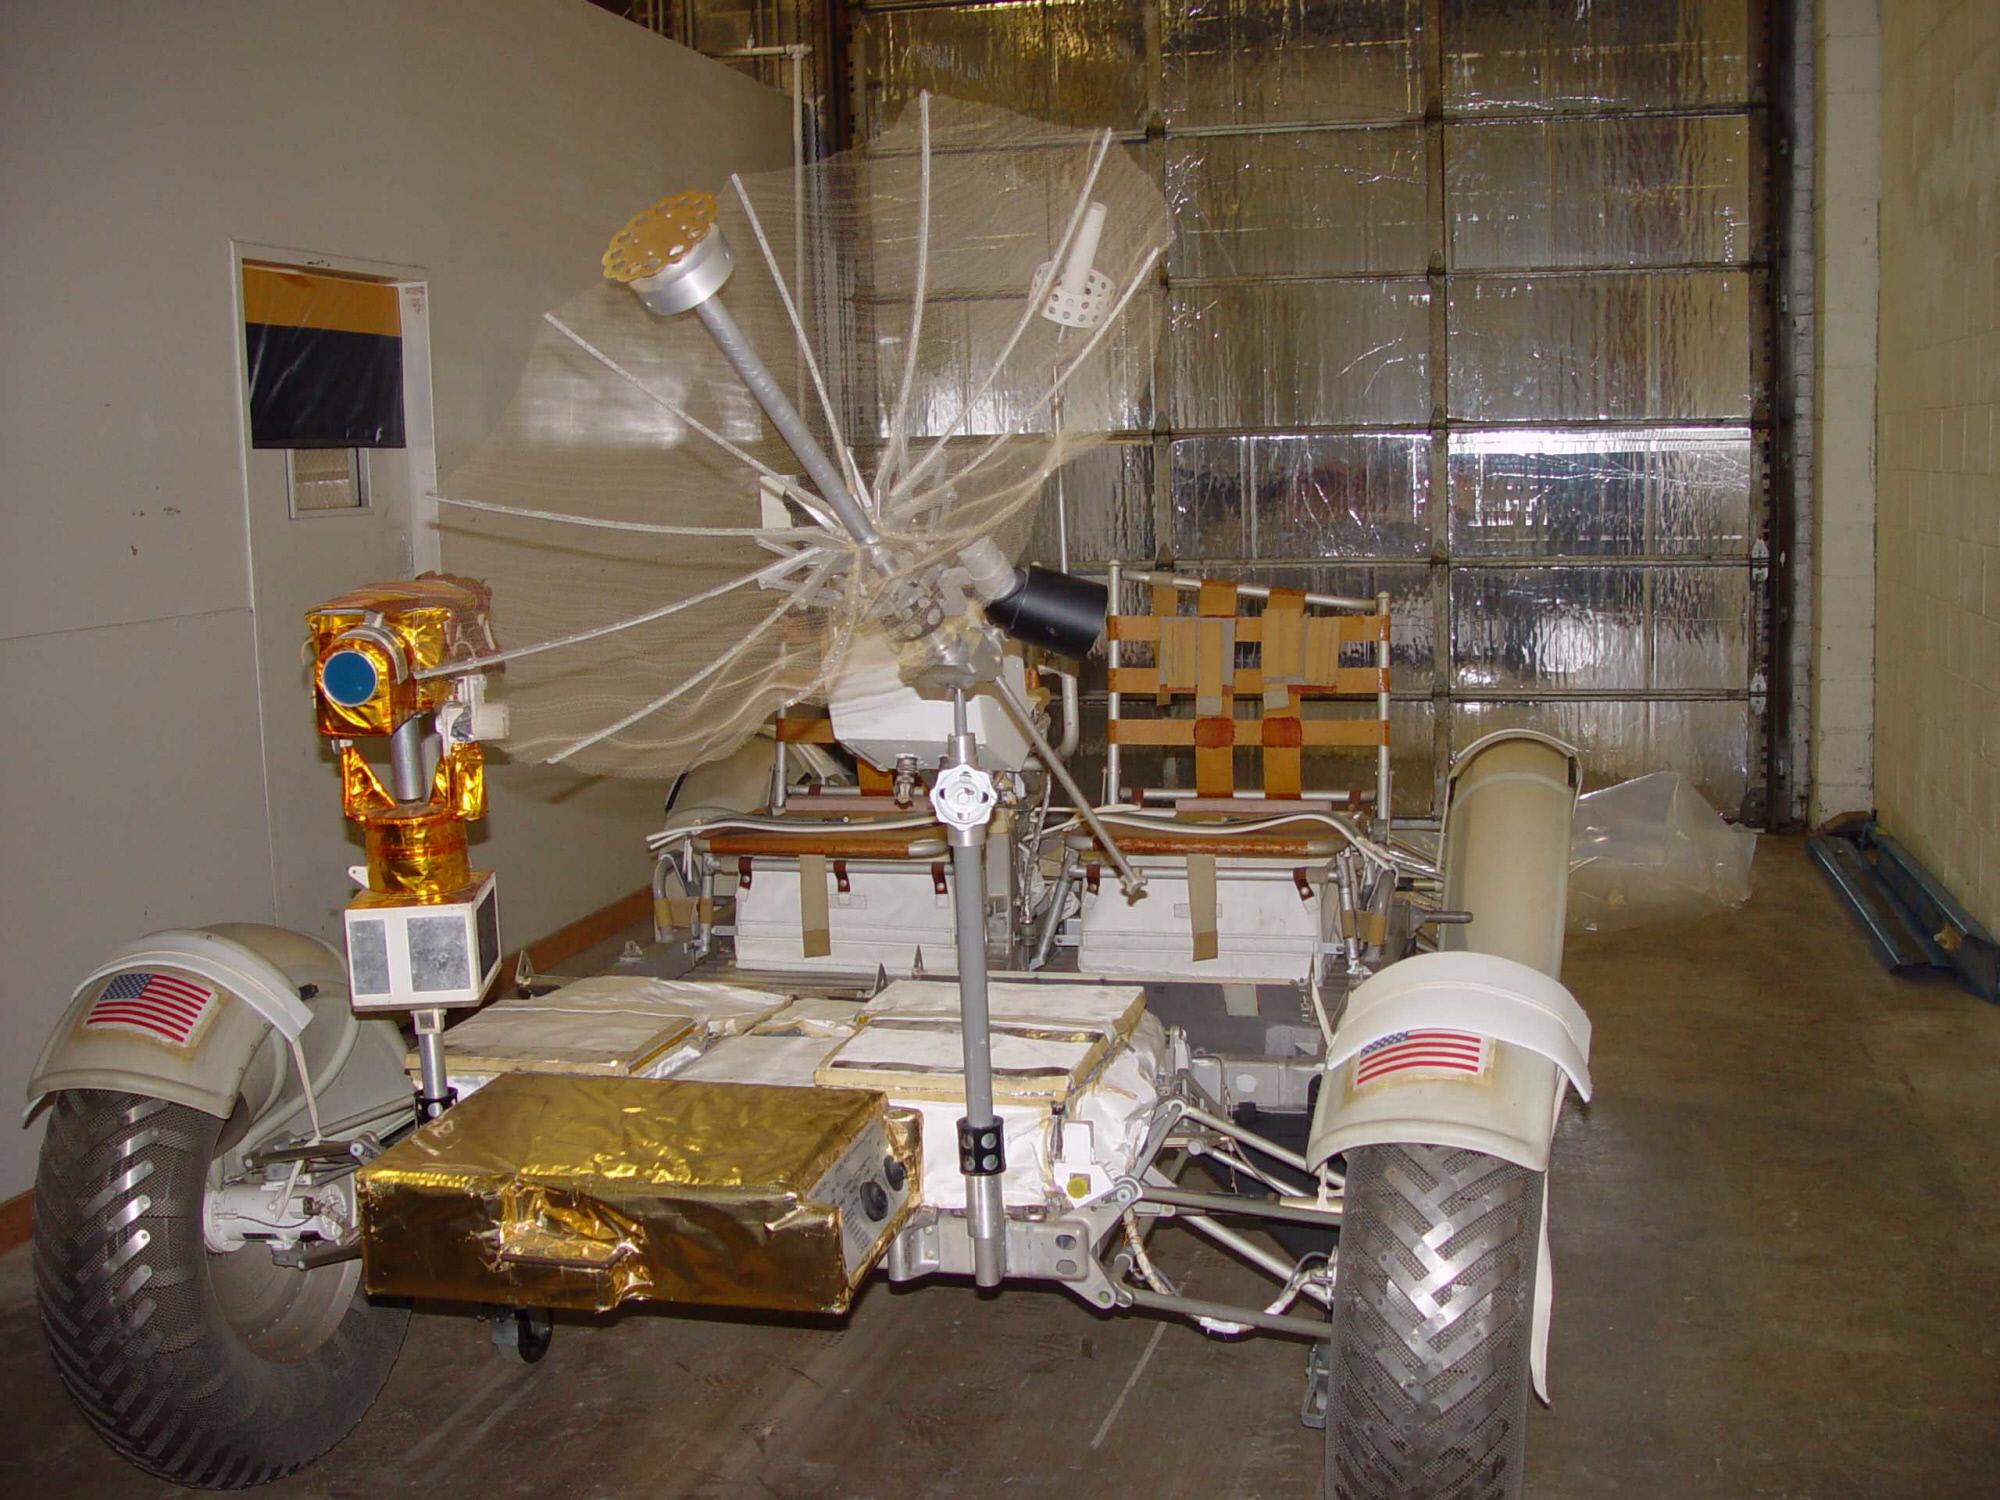 Lunar Mission Control Camera